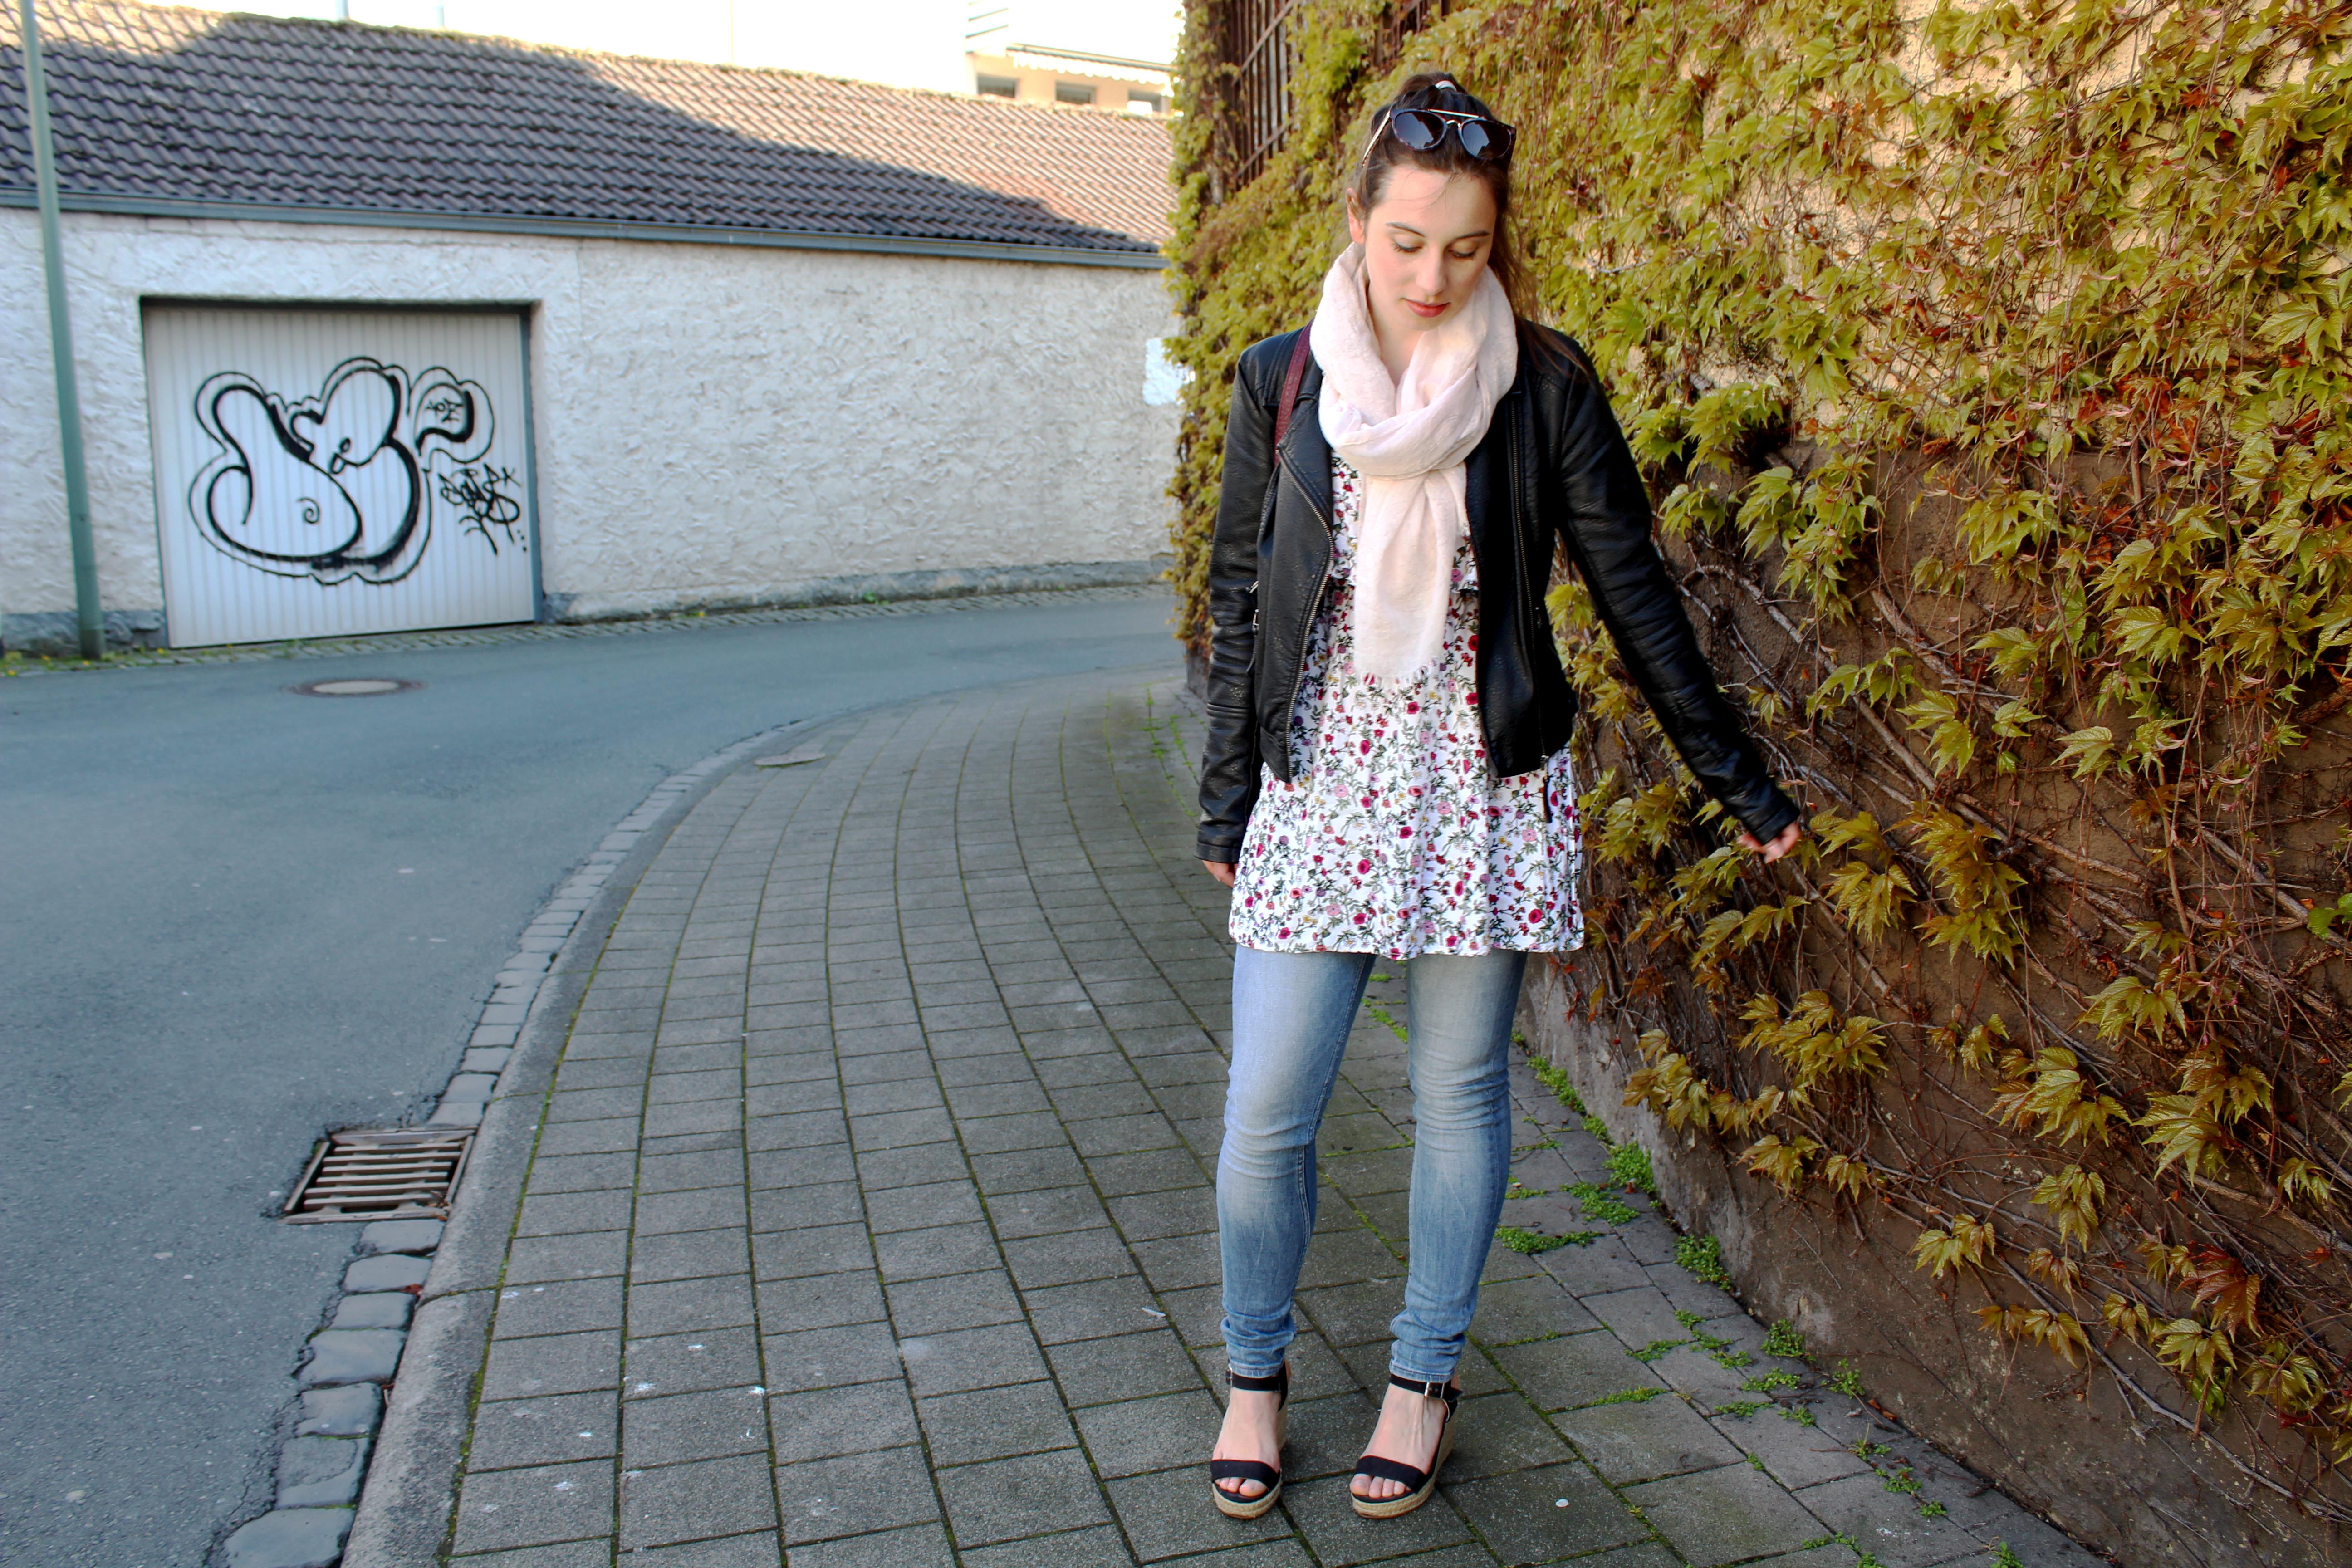 Sommerkleid im Frühling tragen